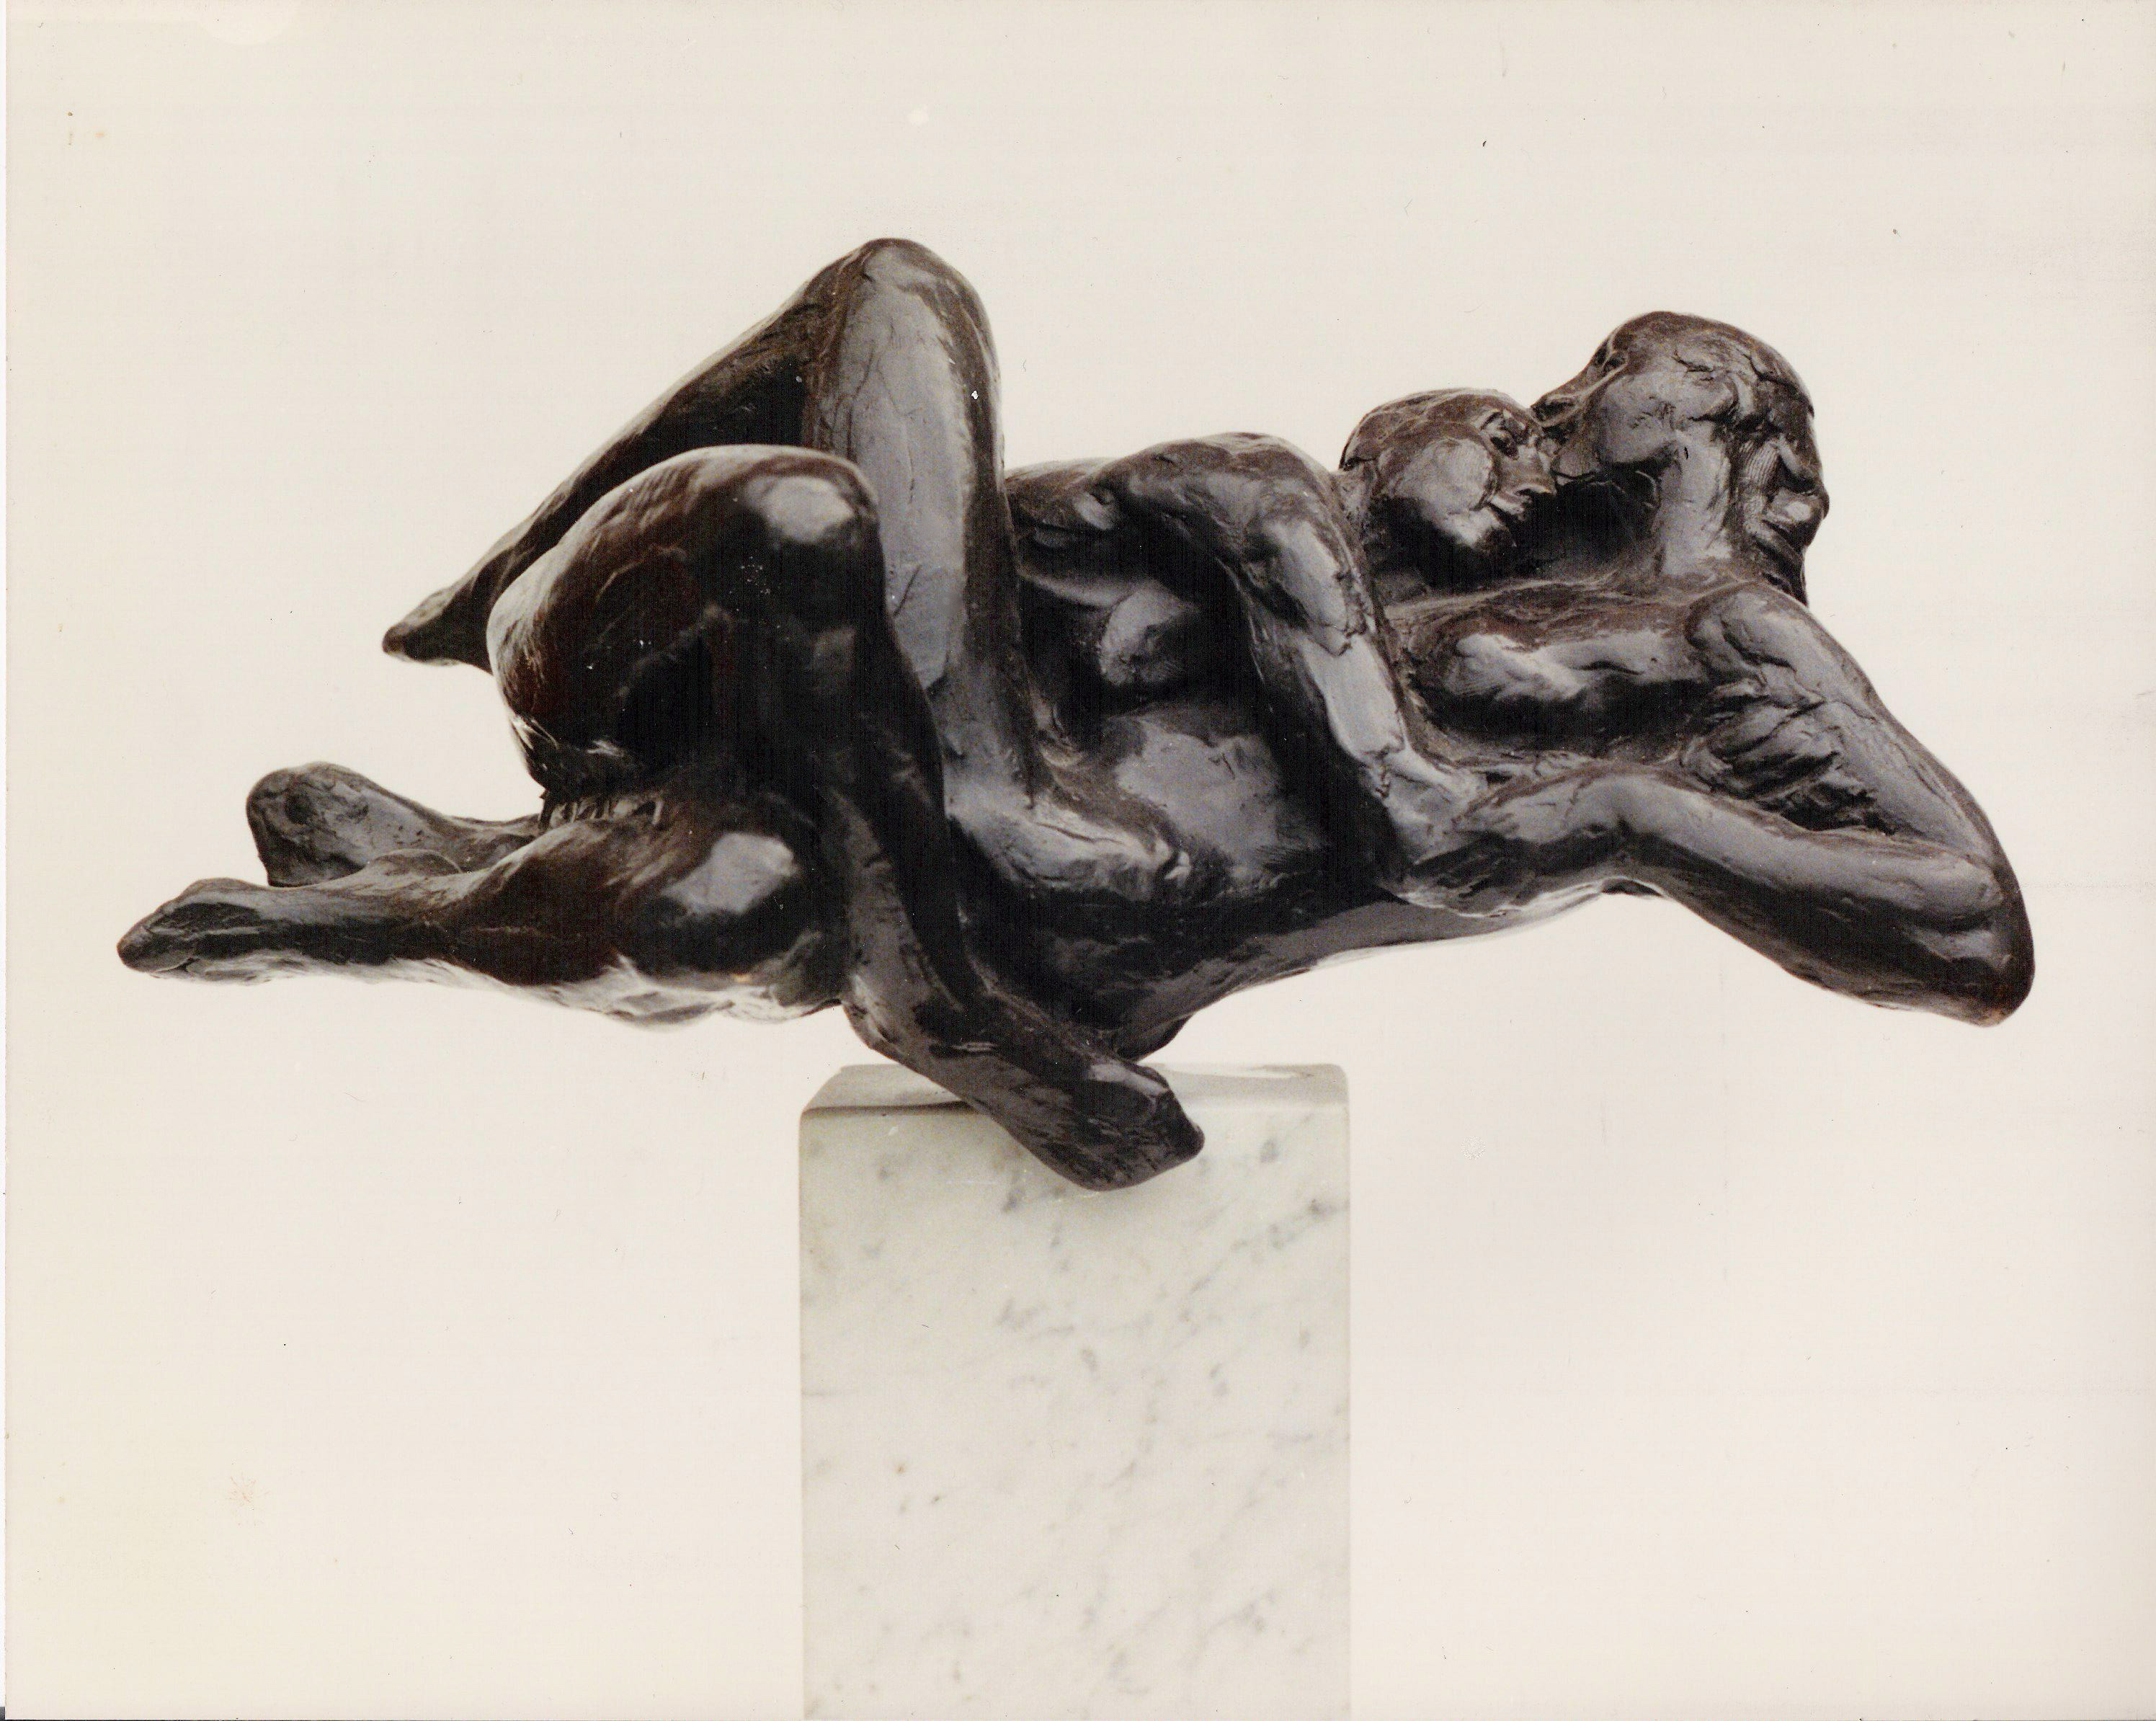 Eddy roos  twee figuren waaier  brons  oplage 8  36 x 35 cm. e. 4500 00  gr